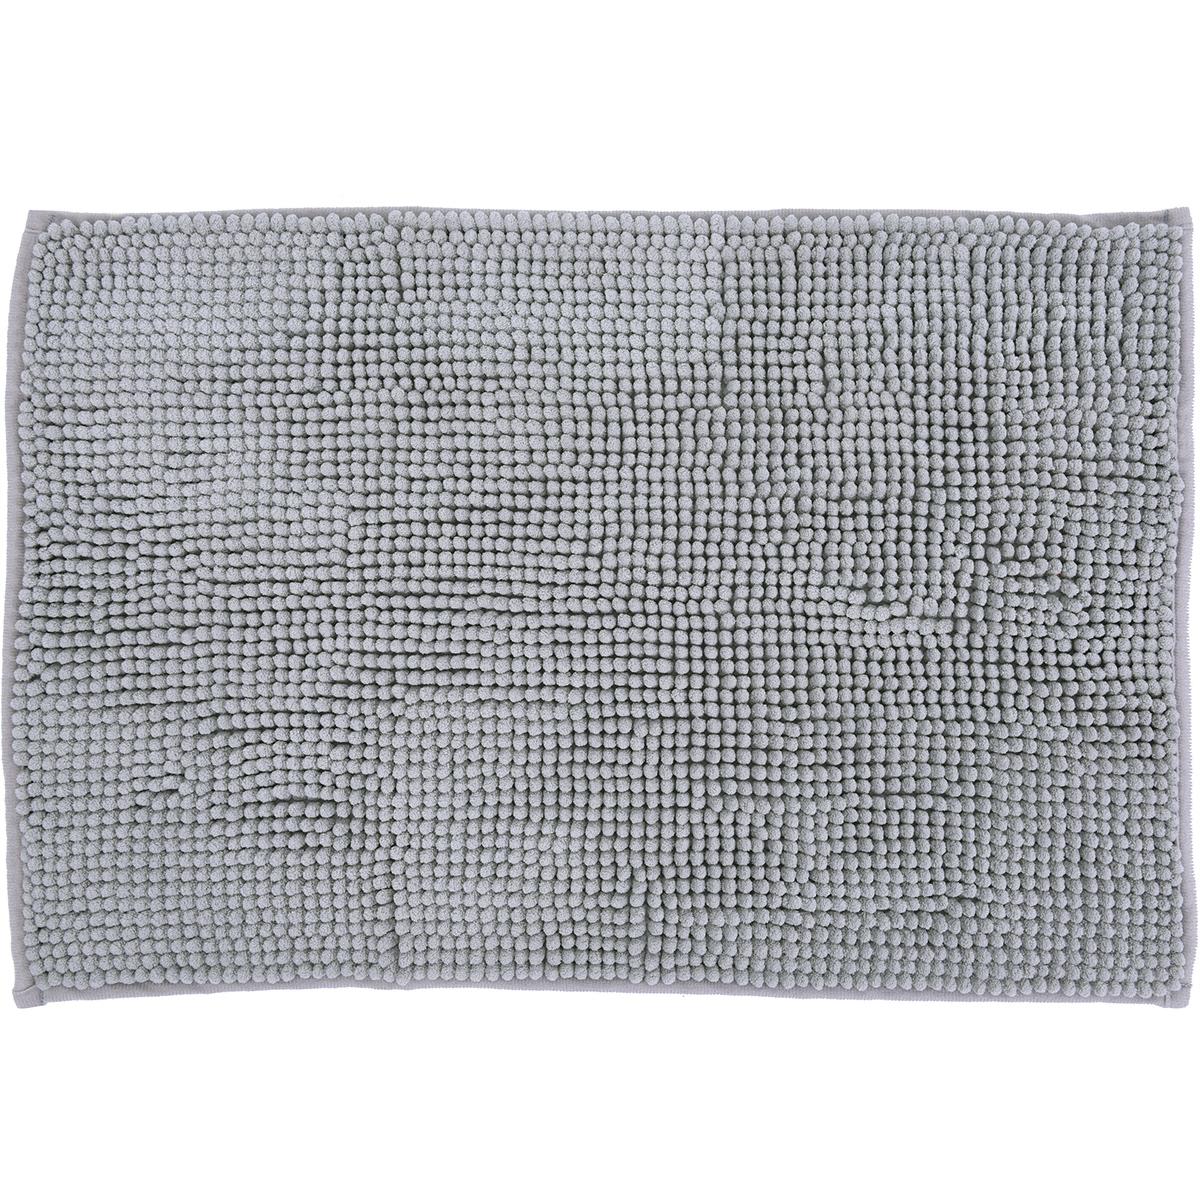 Basic килимче за баня Аква сиво 40х60